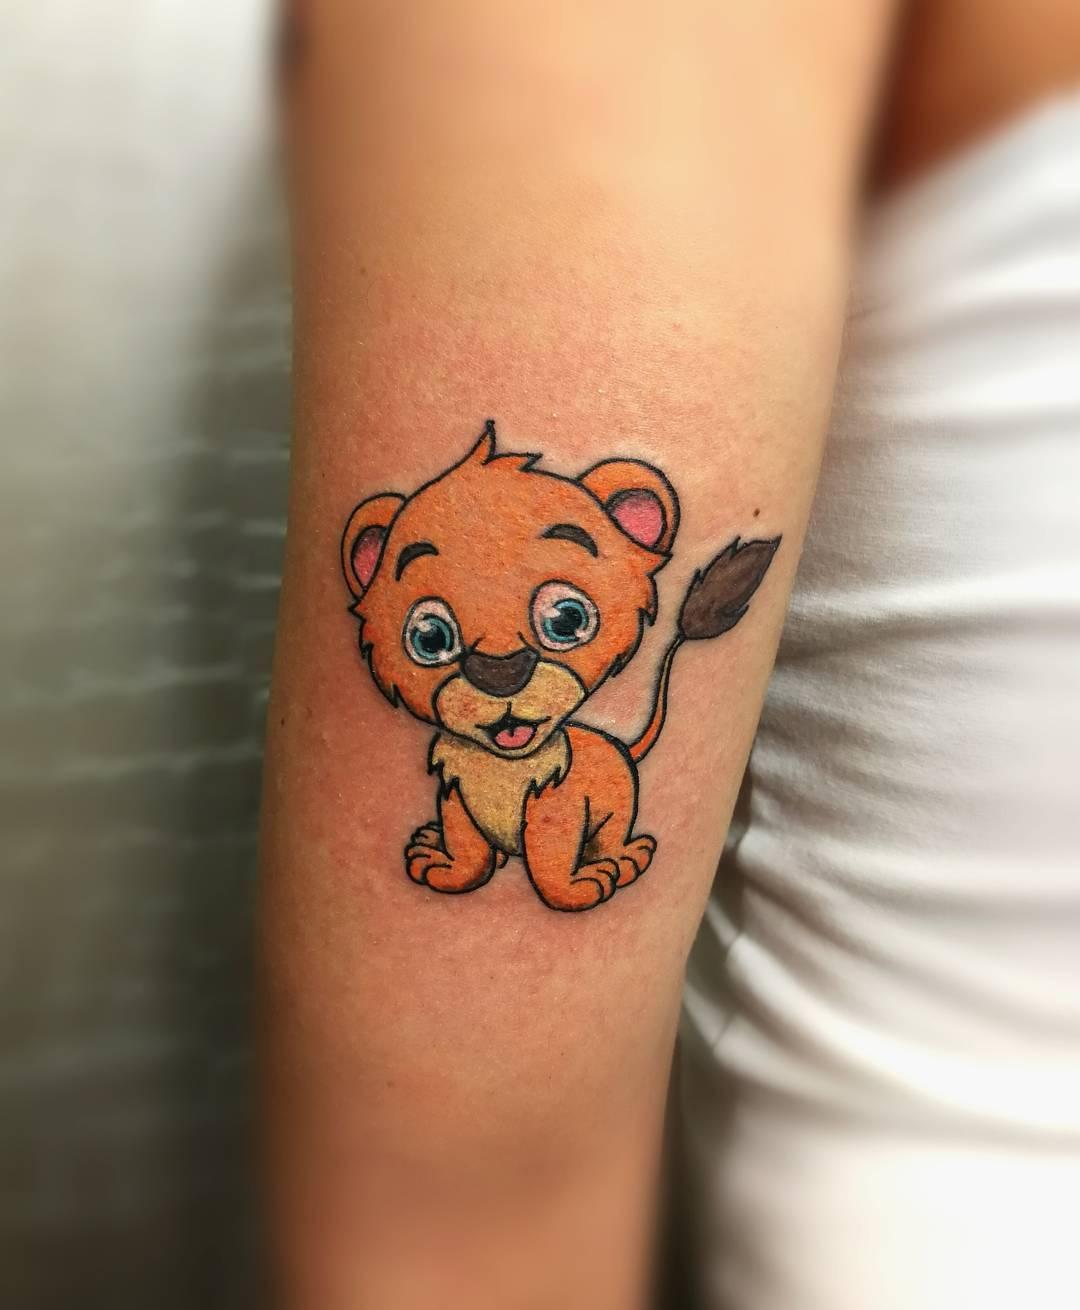 伊小姐手臂狮子小清新纹身图案